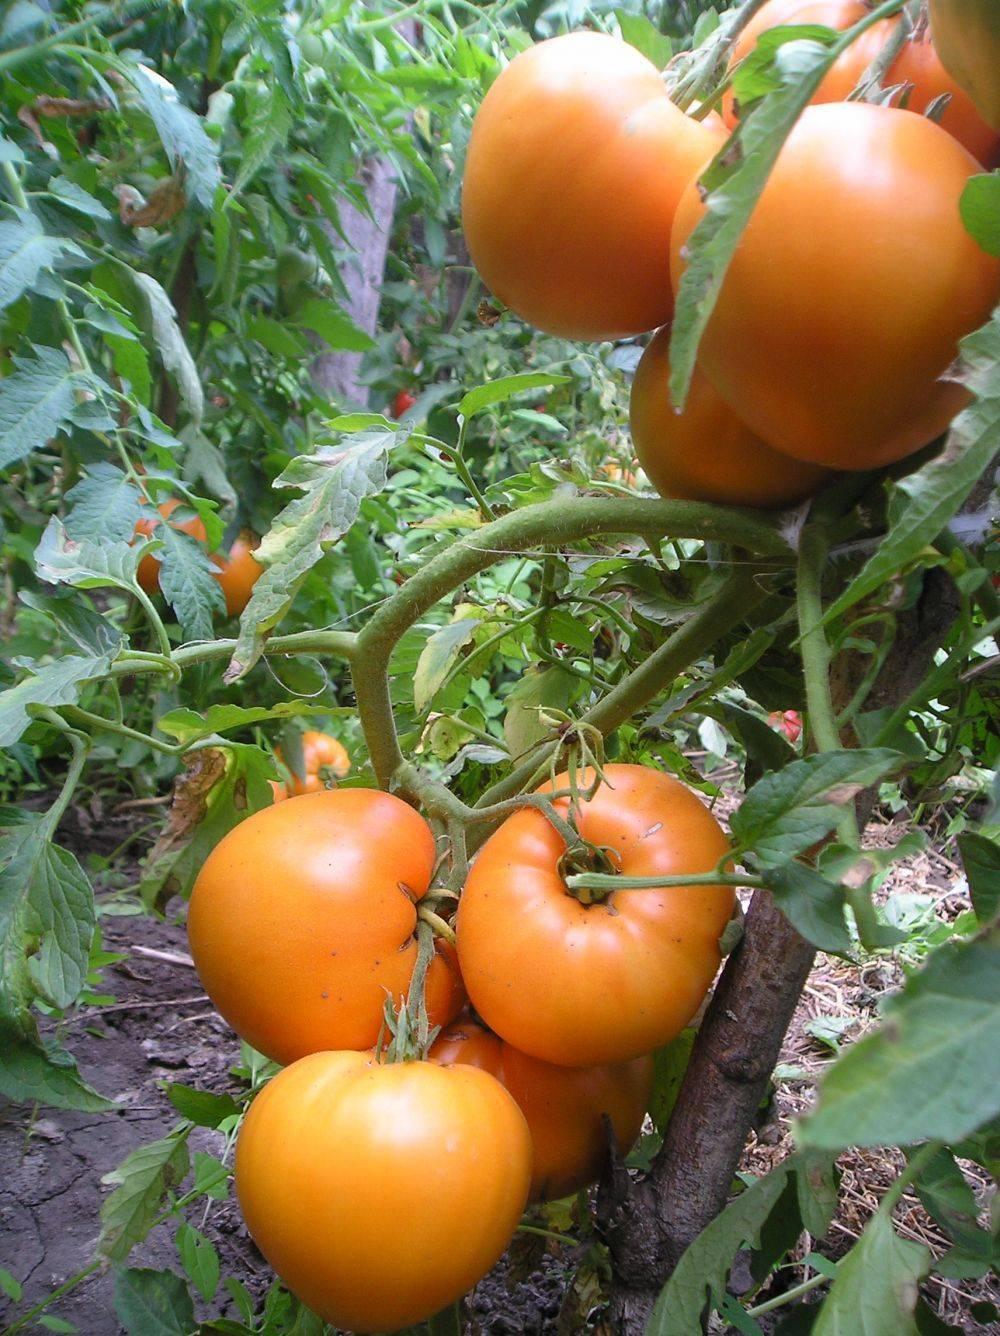 Медовый спас — солнечныйпомидор со сладким вкусом